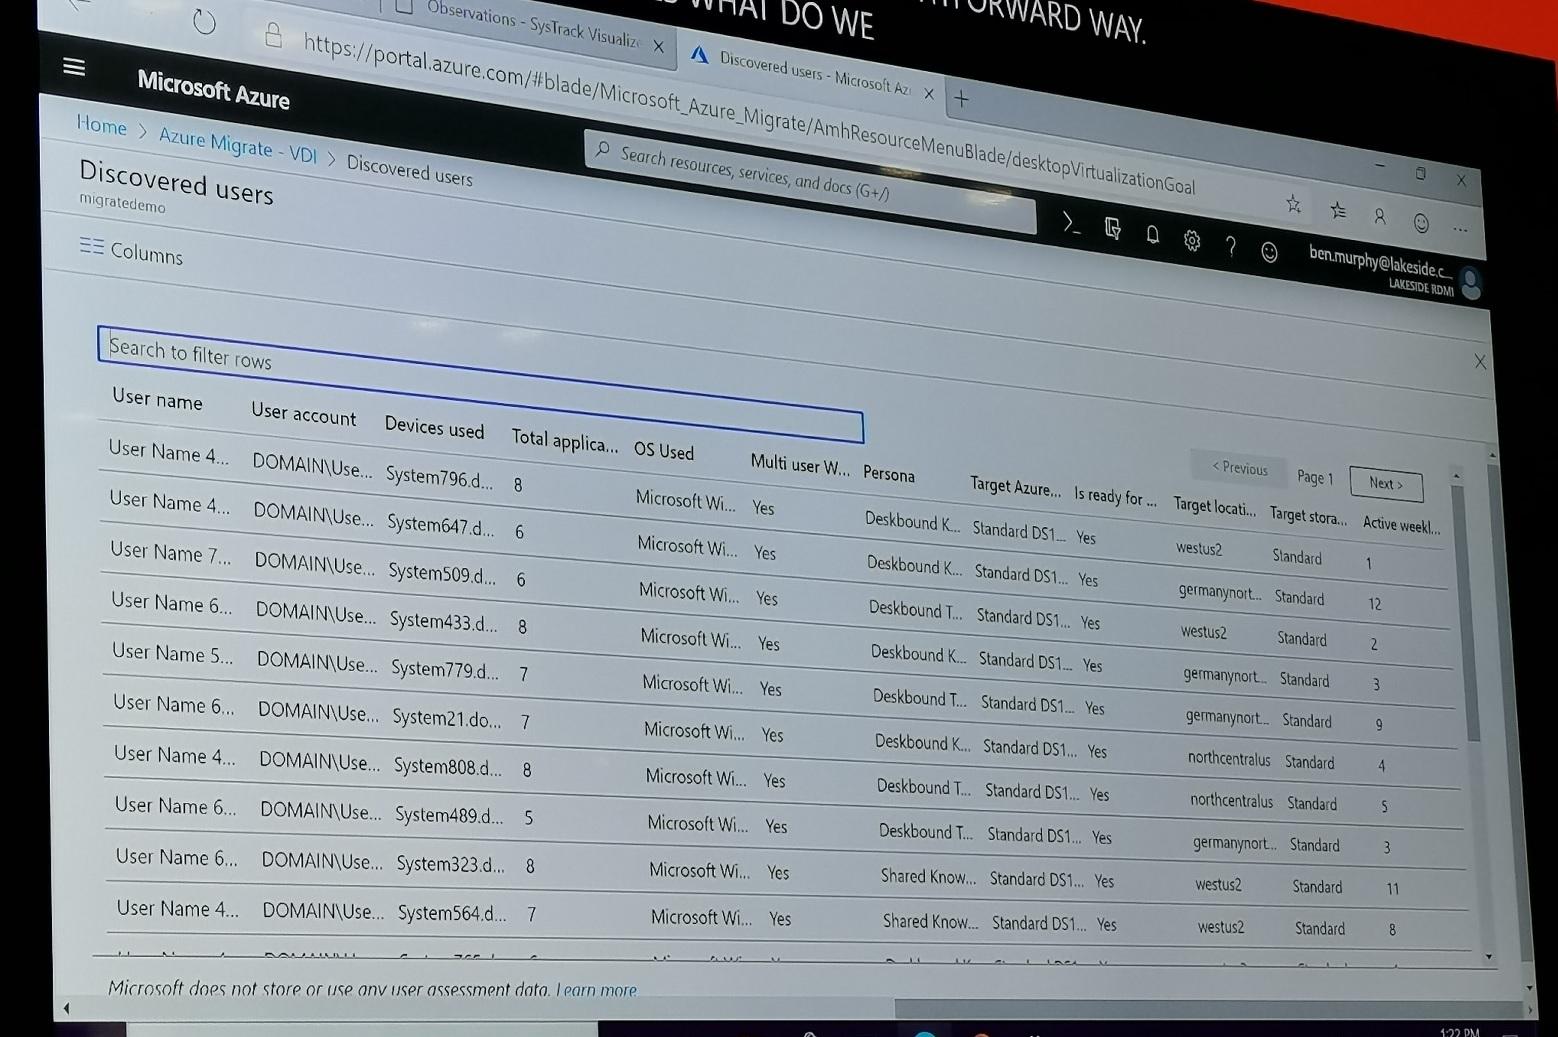 ユーザーごとのデスクトップ利用時間が可視化